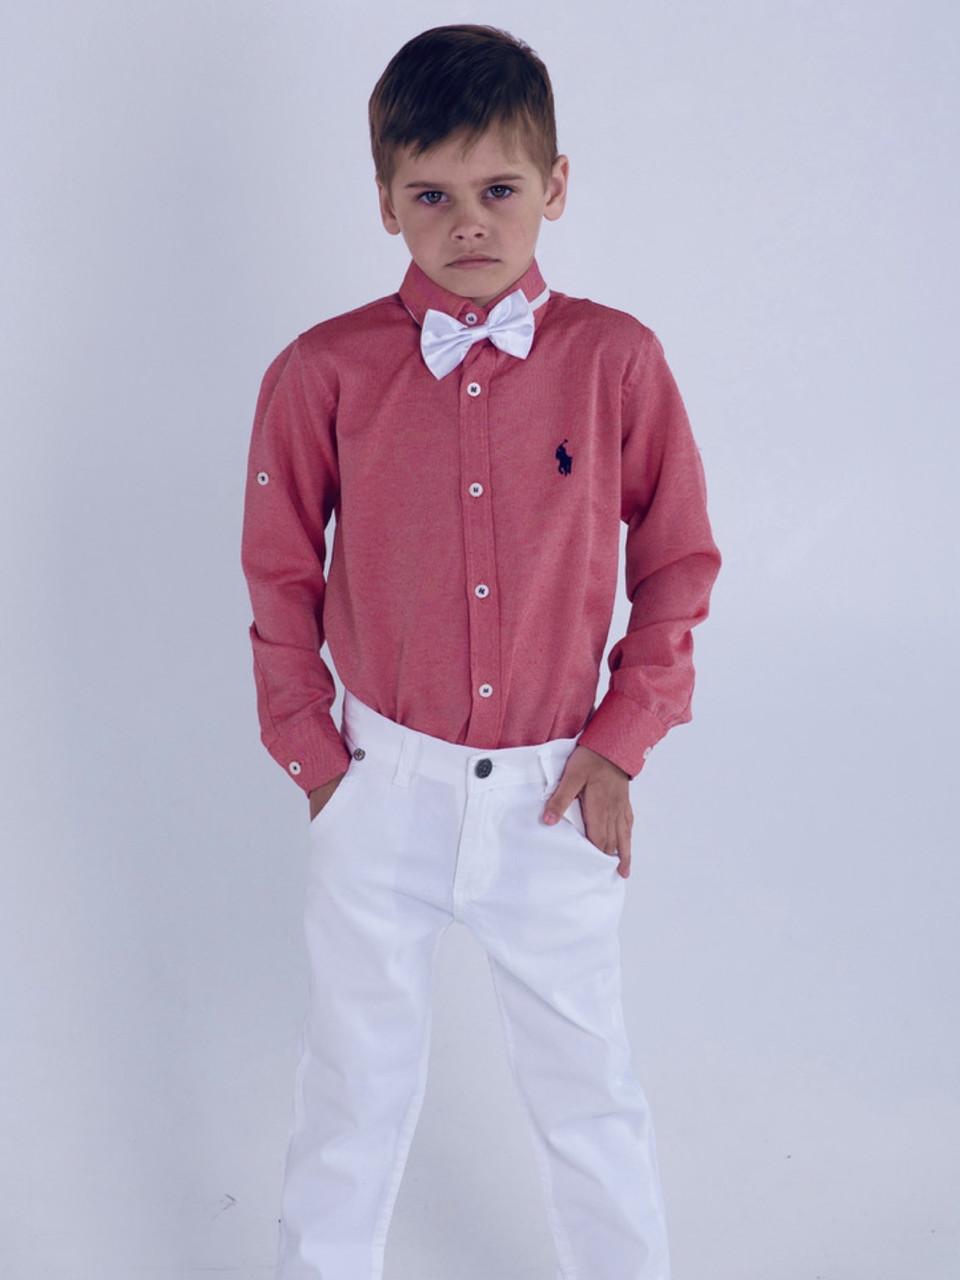 Стильная рубашка Polo для мальчика 5-6 лет